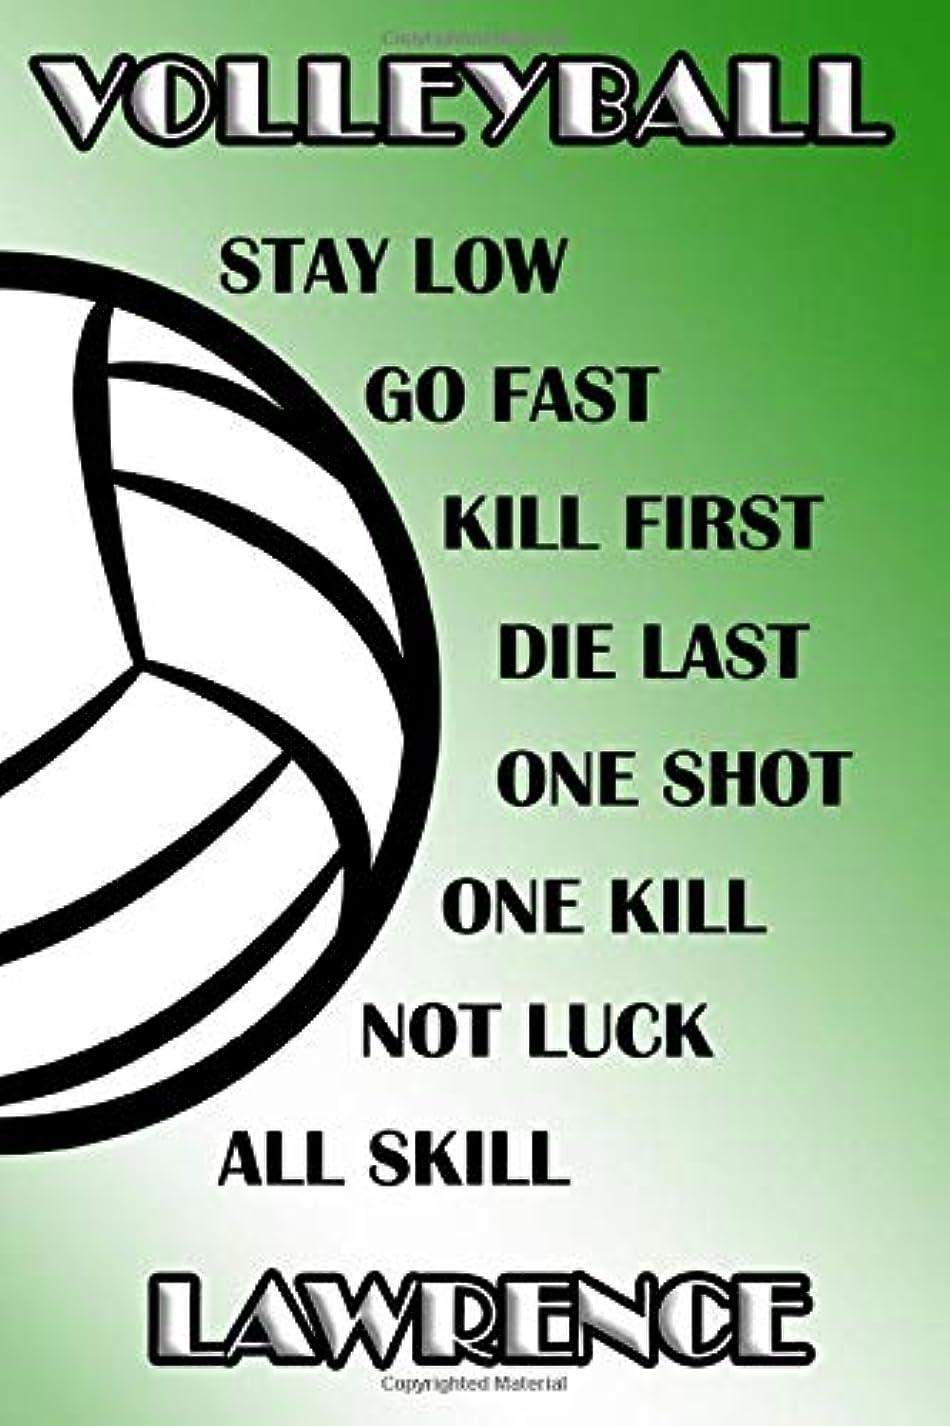 教タクシー北極圏Volleyball Stay Low Go Fast Kill First Die Last One Shot One Kill Not Luck All Skill Lawrence: College Ruled | Composition Book | Green and White School Colors